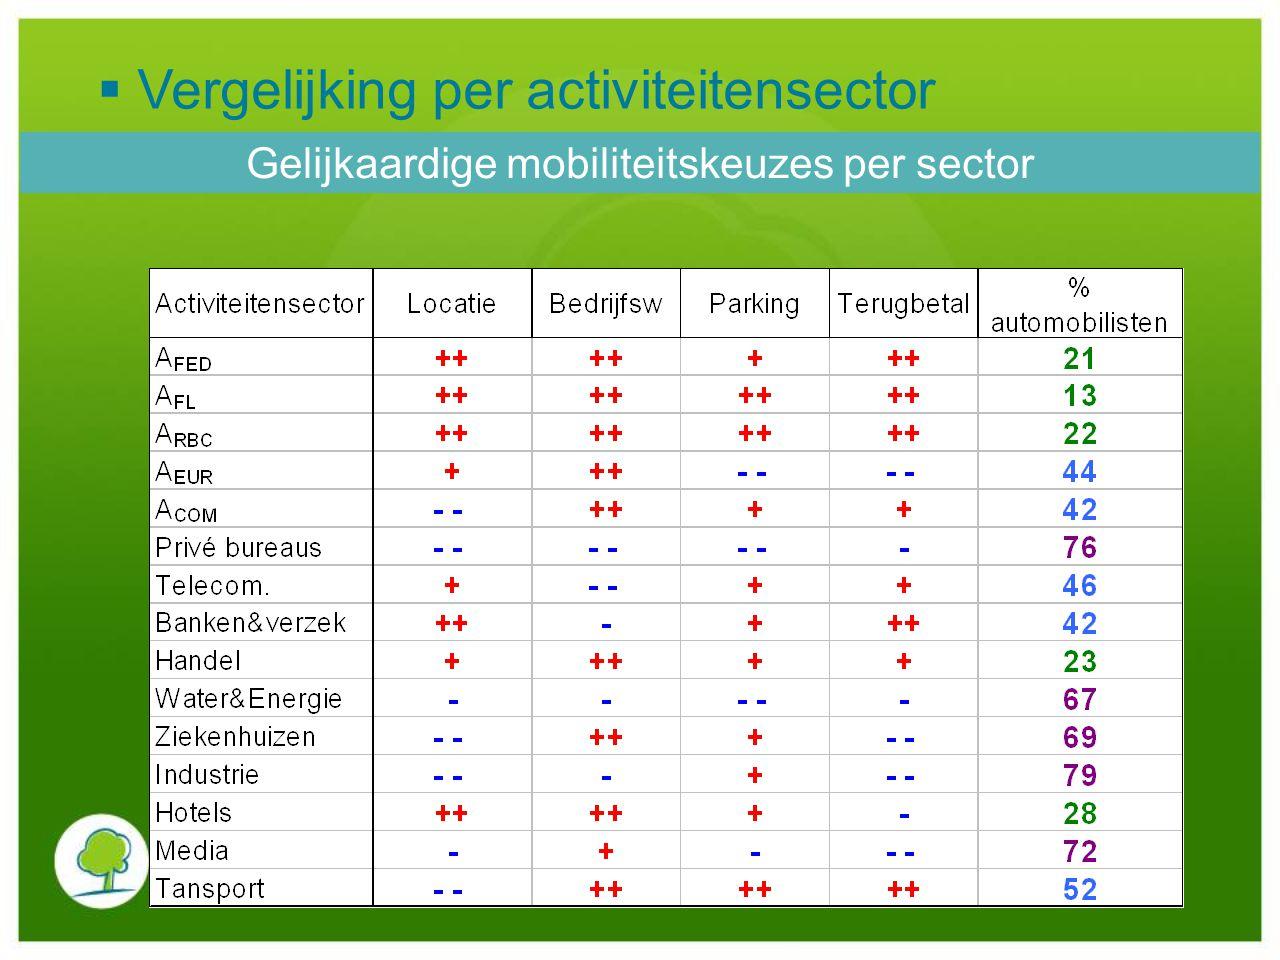 Gelijkaardige mobiliteitskeuzes per sector